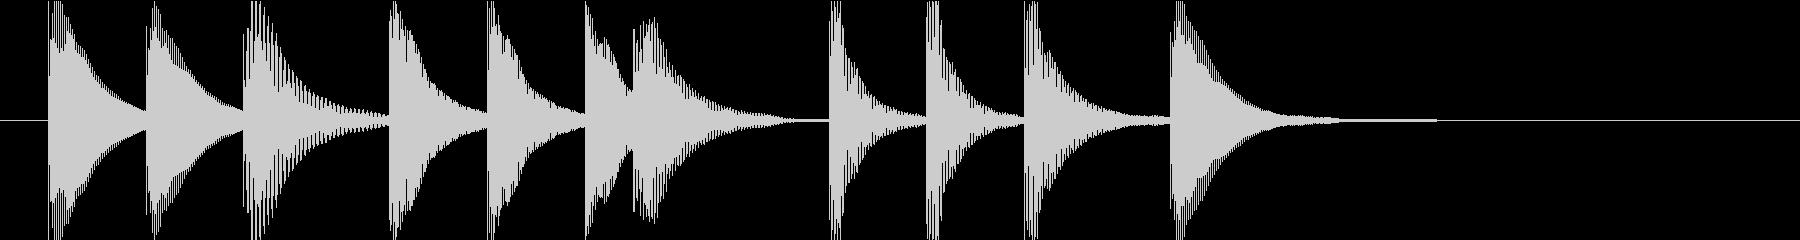 マリンバのクエスト・ミニゲームクリア音1の未再生の波形